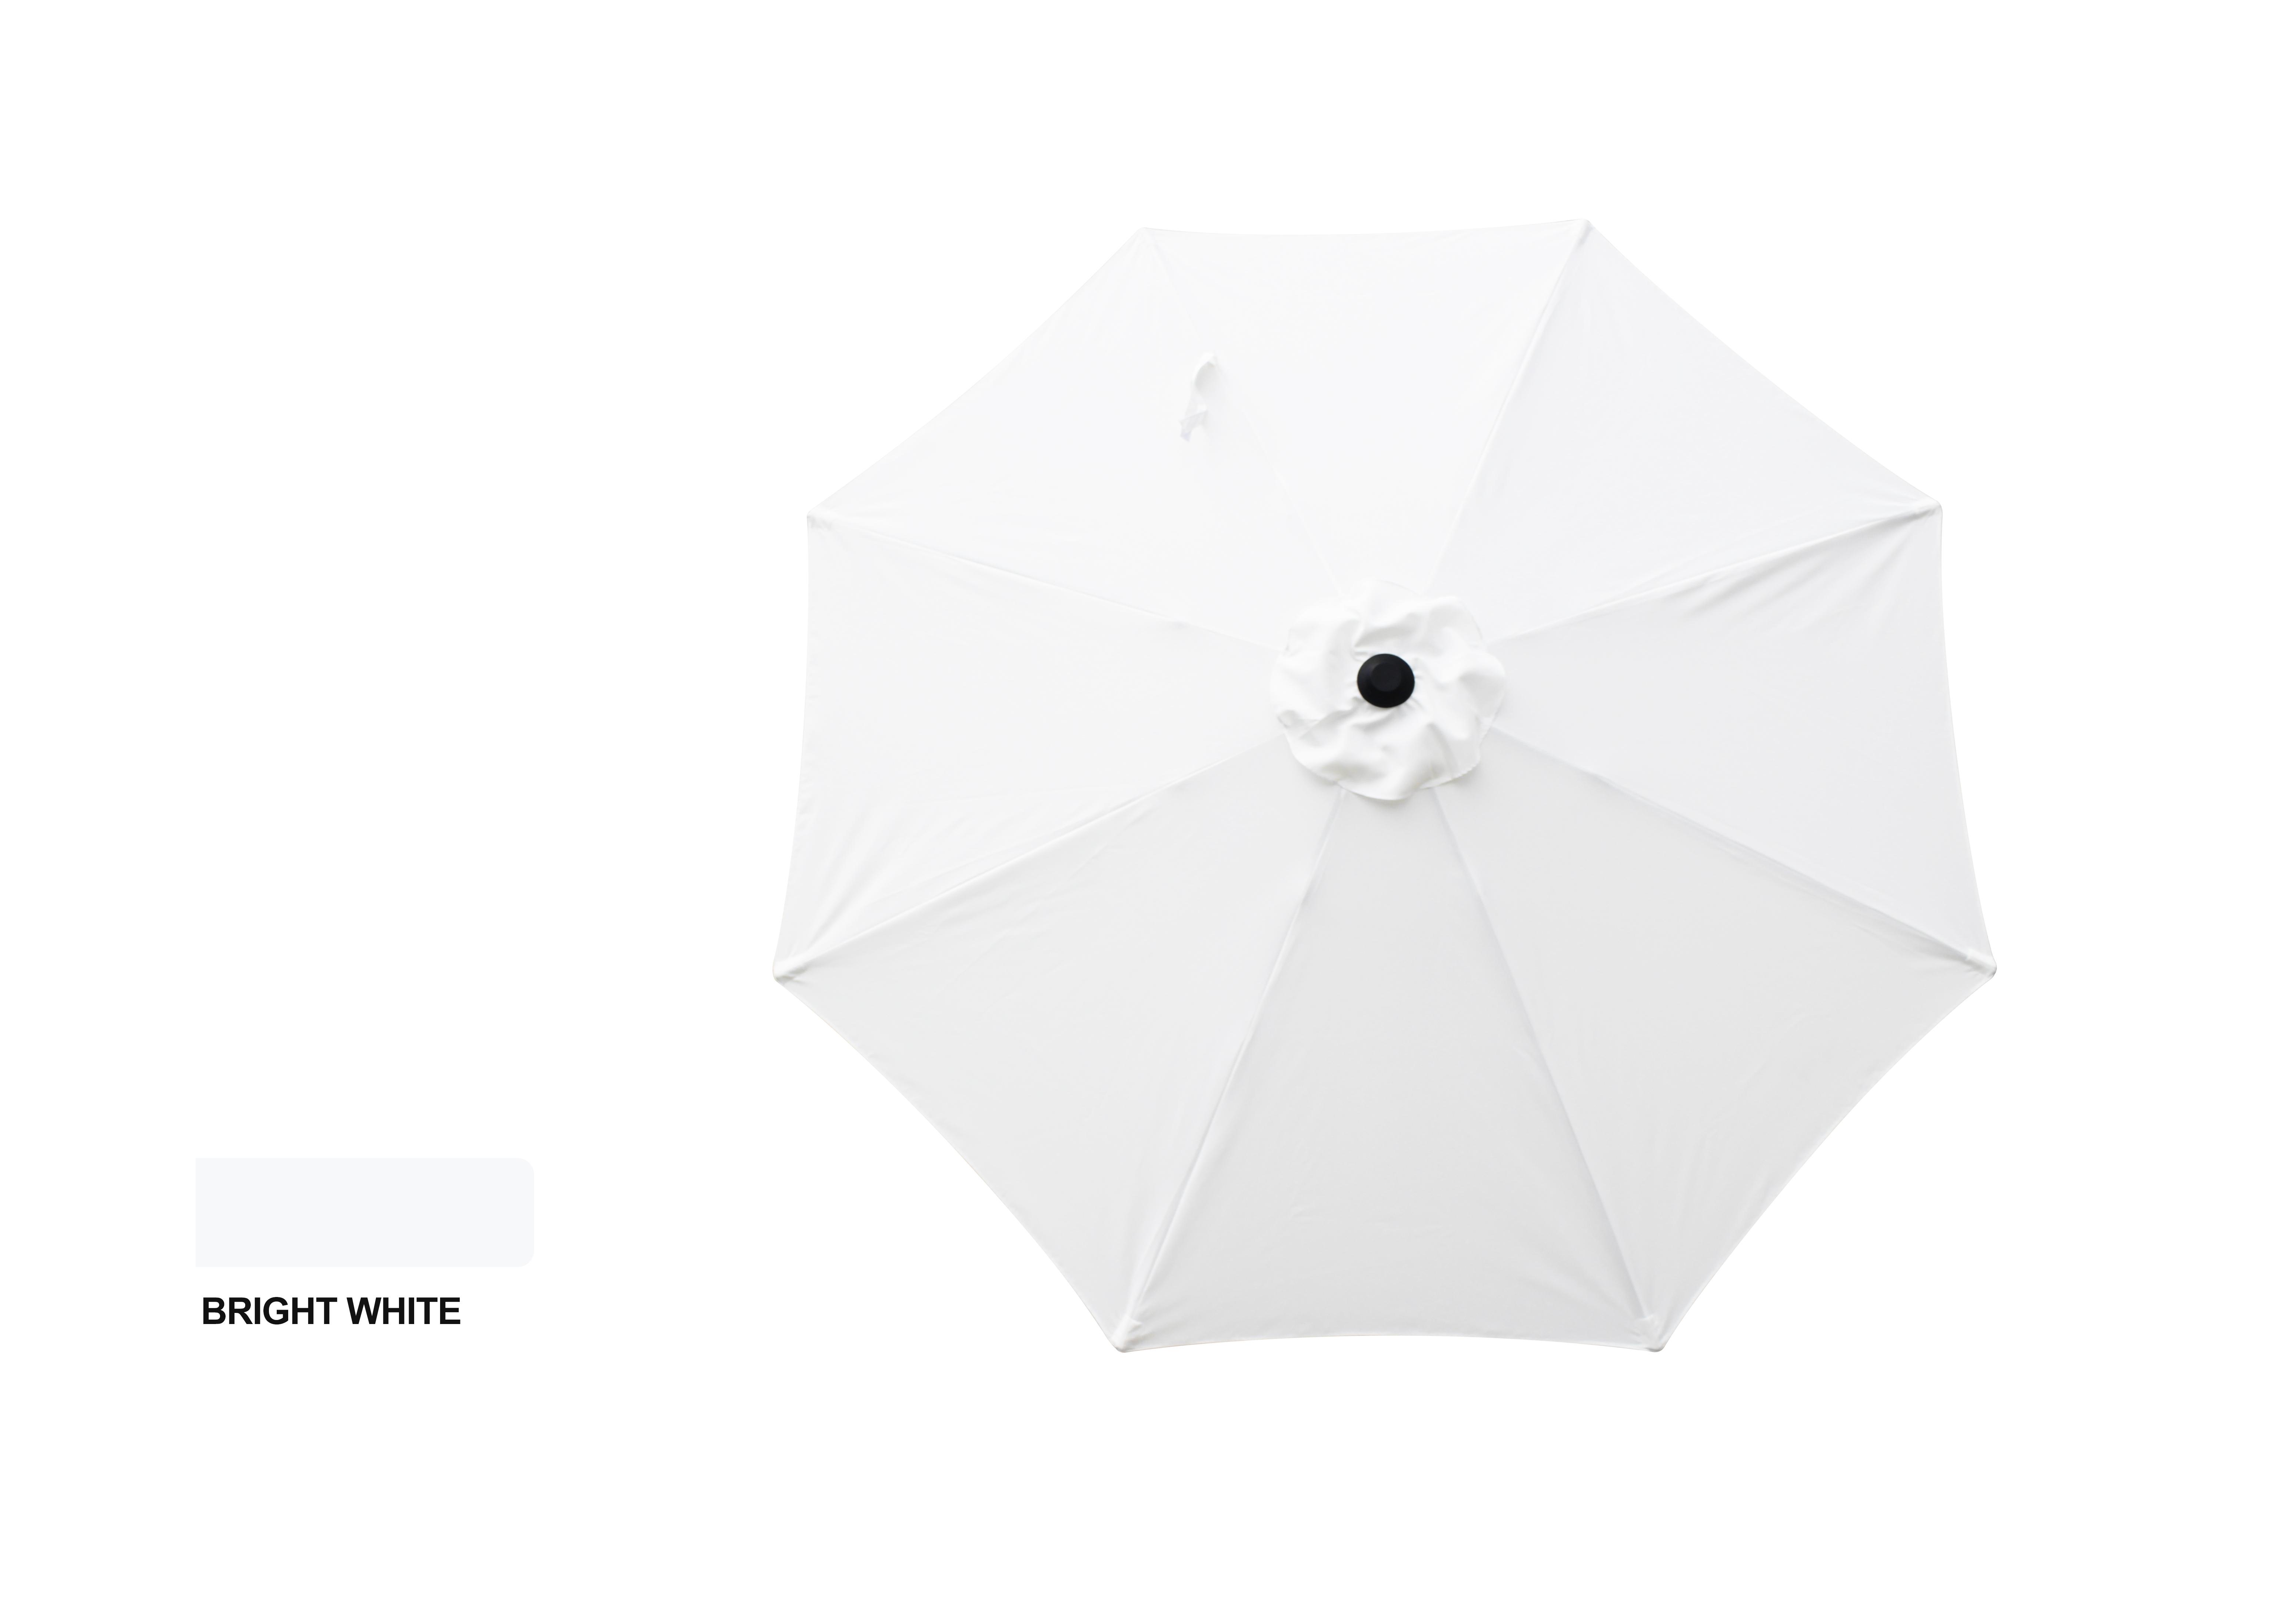 9' ALUMINUM MARKET UMBRELLA - SIMPLY WHITE